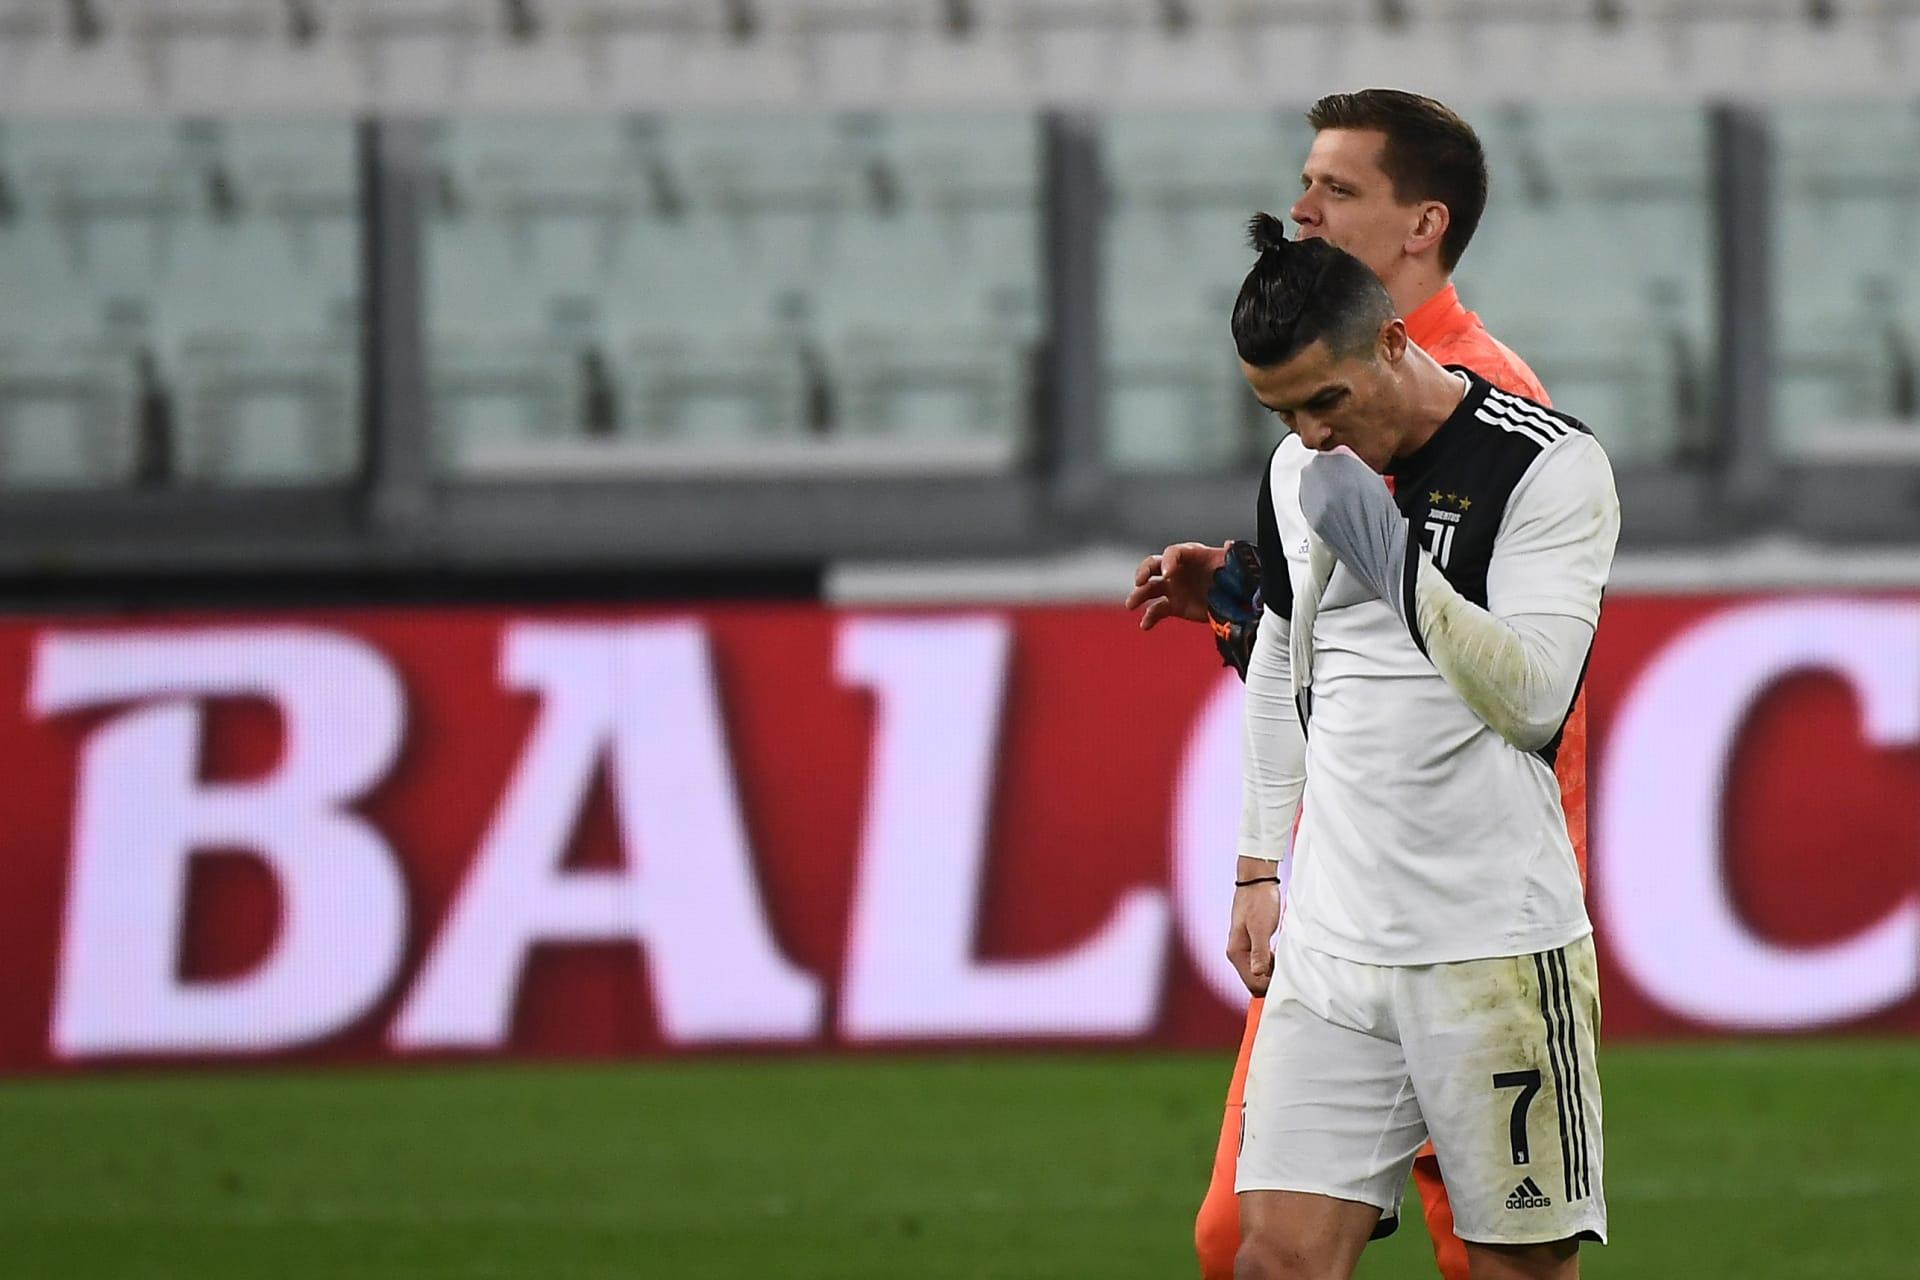 بعد تفشي فيروس كورونا.. رونالدو يظهر بلقطة طريفة قبل مباراة إنتر ميلان